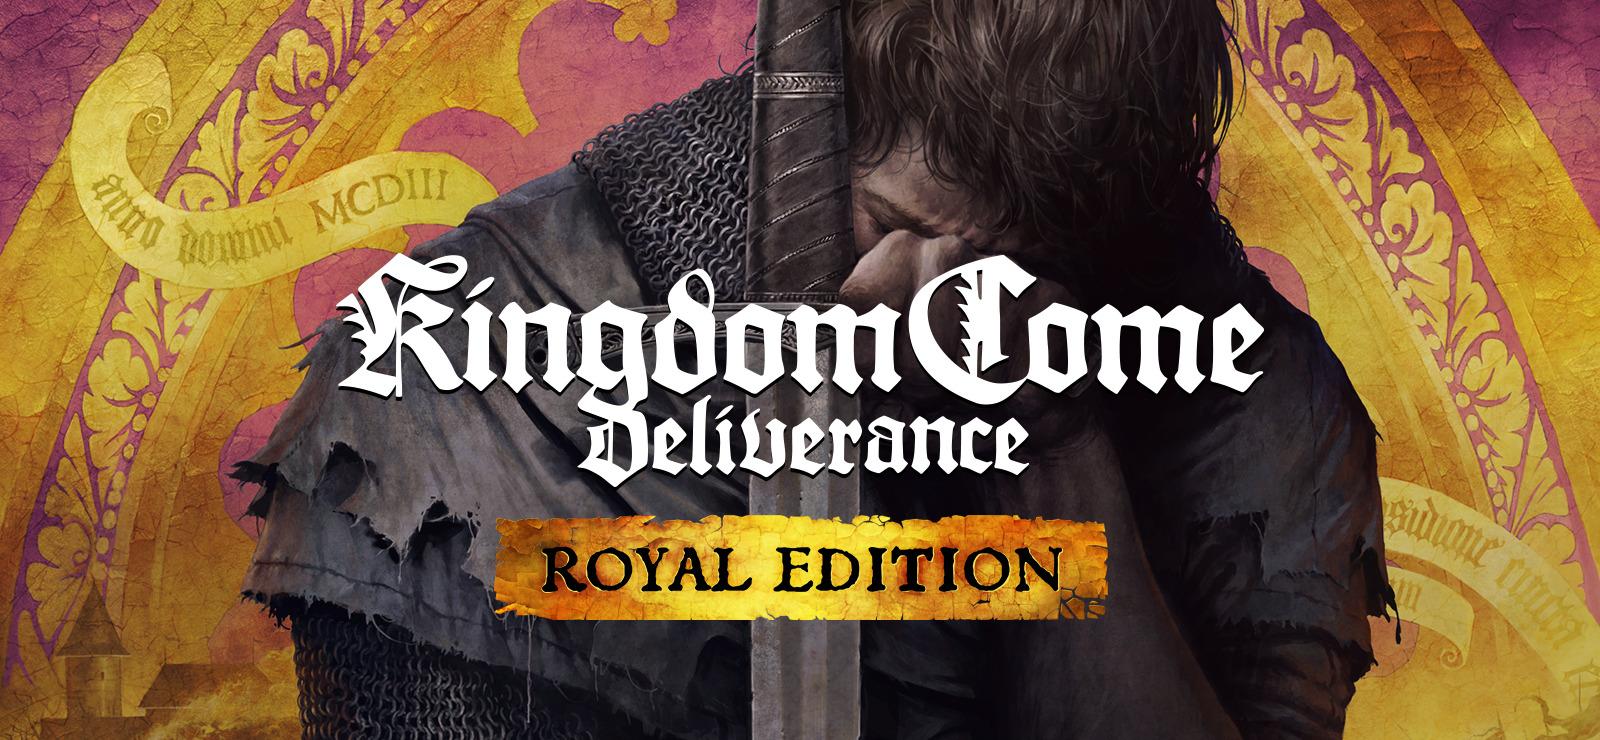 [PC] Kingdom Come: Deliverance Royal Edition für 2,84€ mit PayPal (GOG - RU VPN)